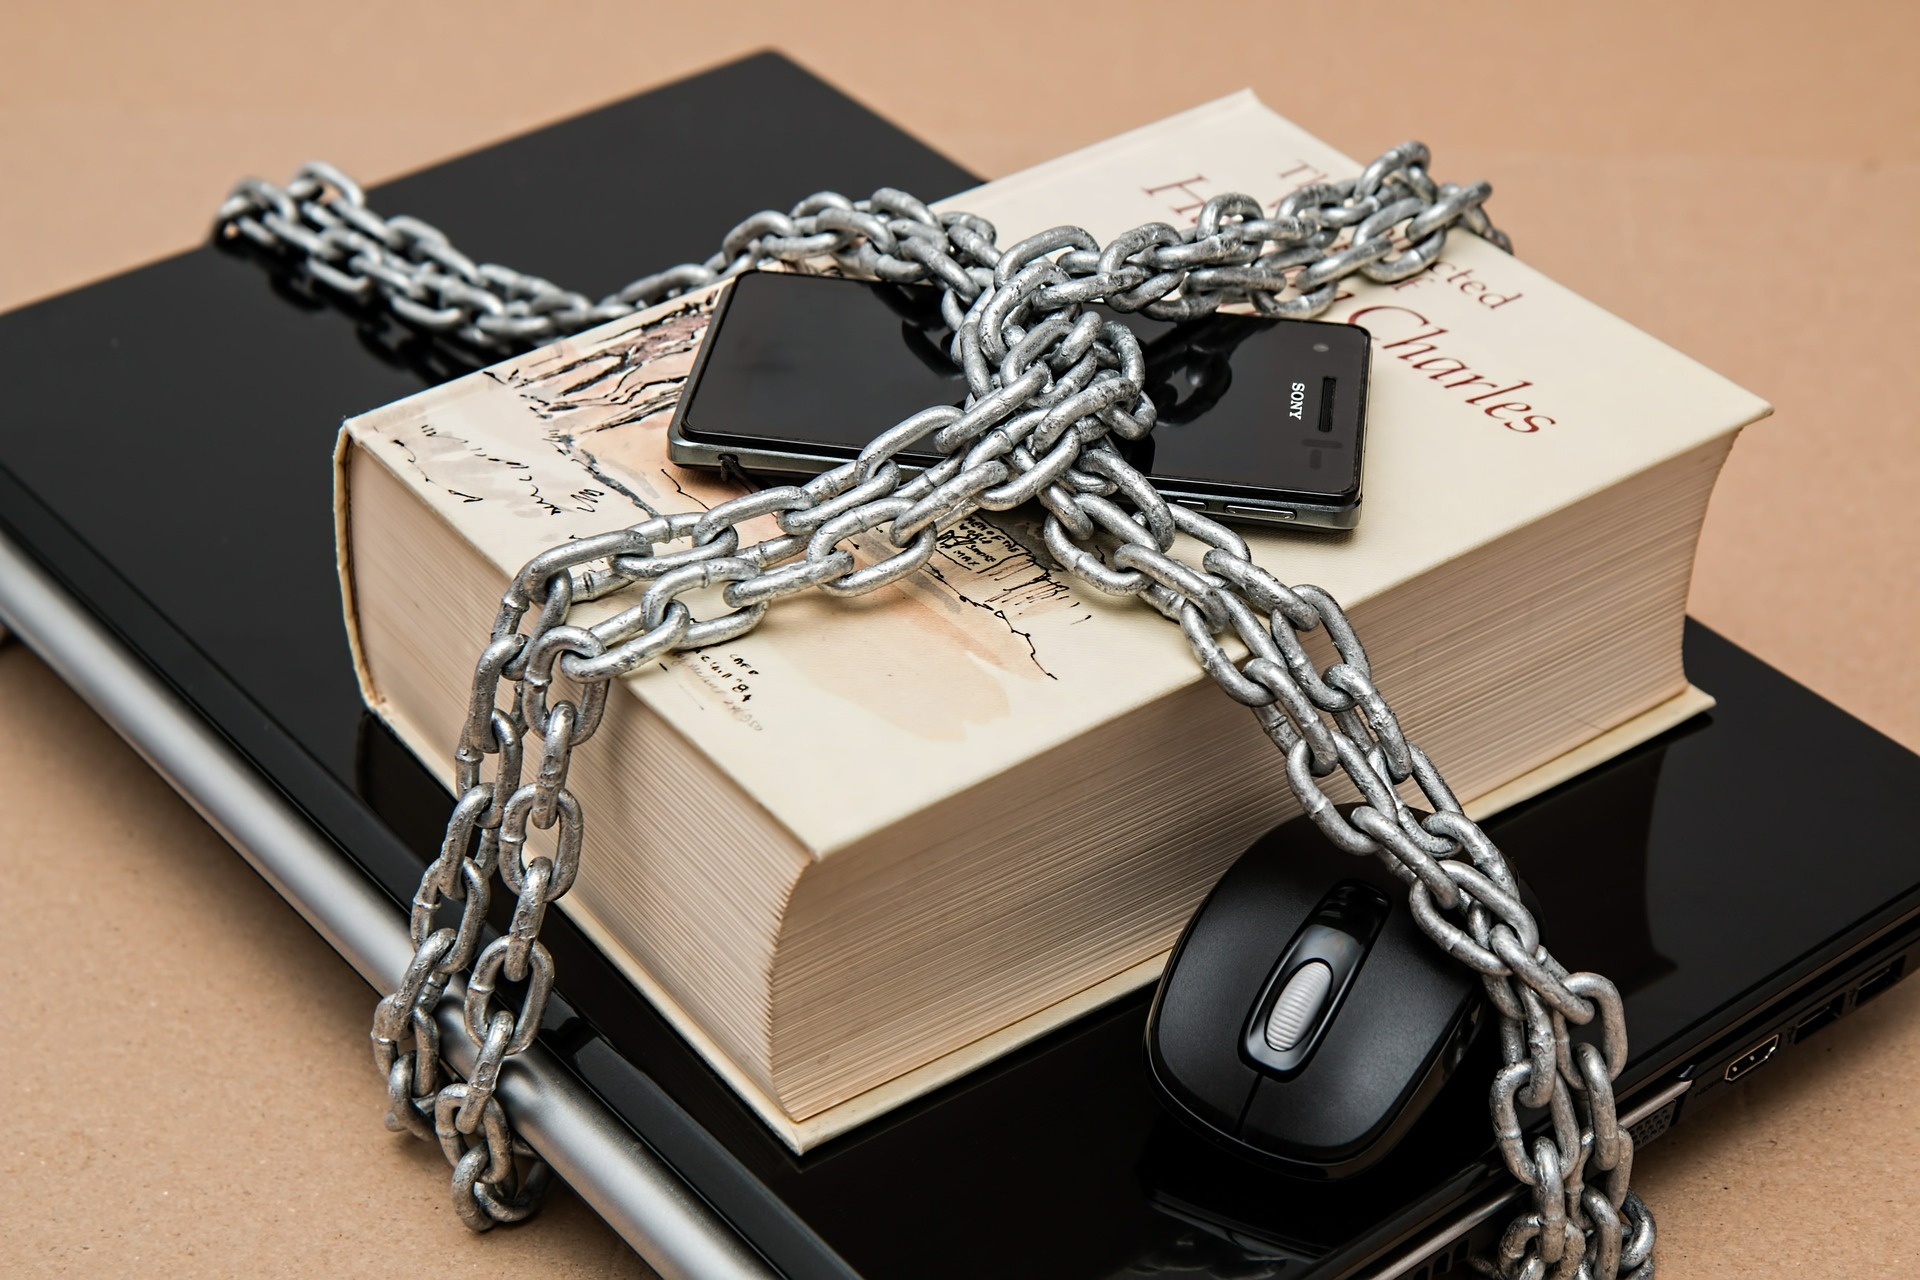 Datensicherung ist für Feiglinge! Oder wie sichere ich meine Daten (in WordPress) richtig